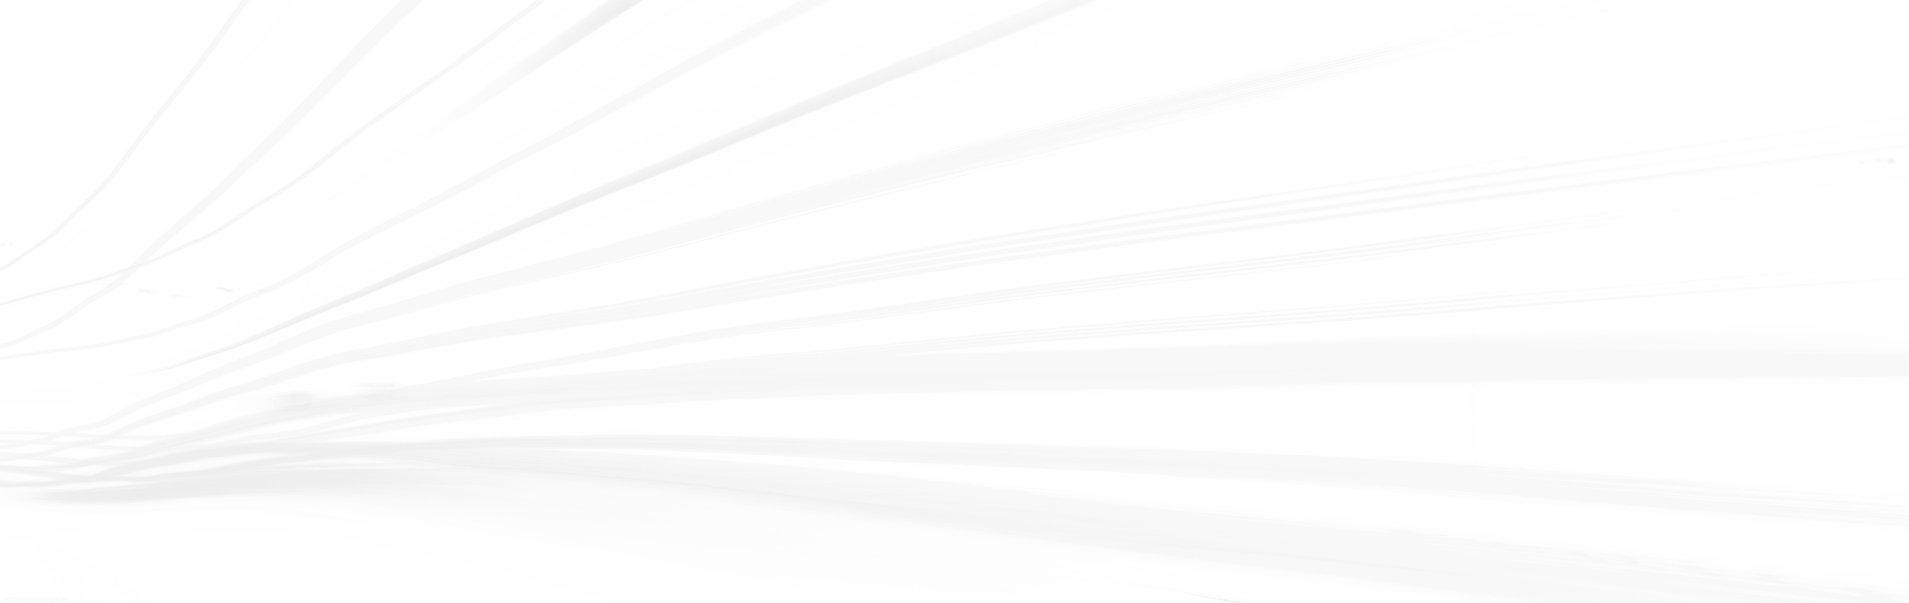 light_chiaro_banner-1.jpg